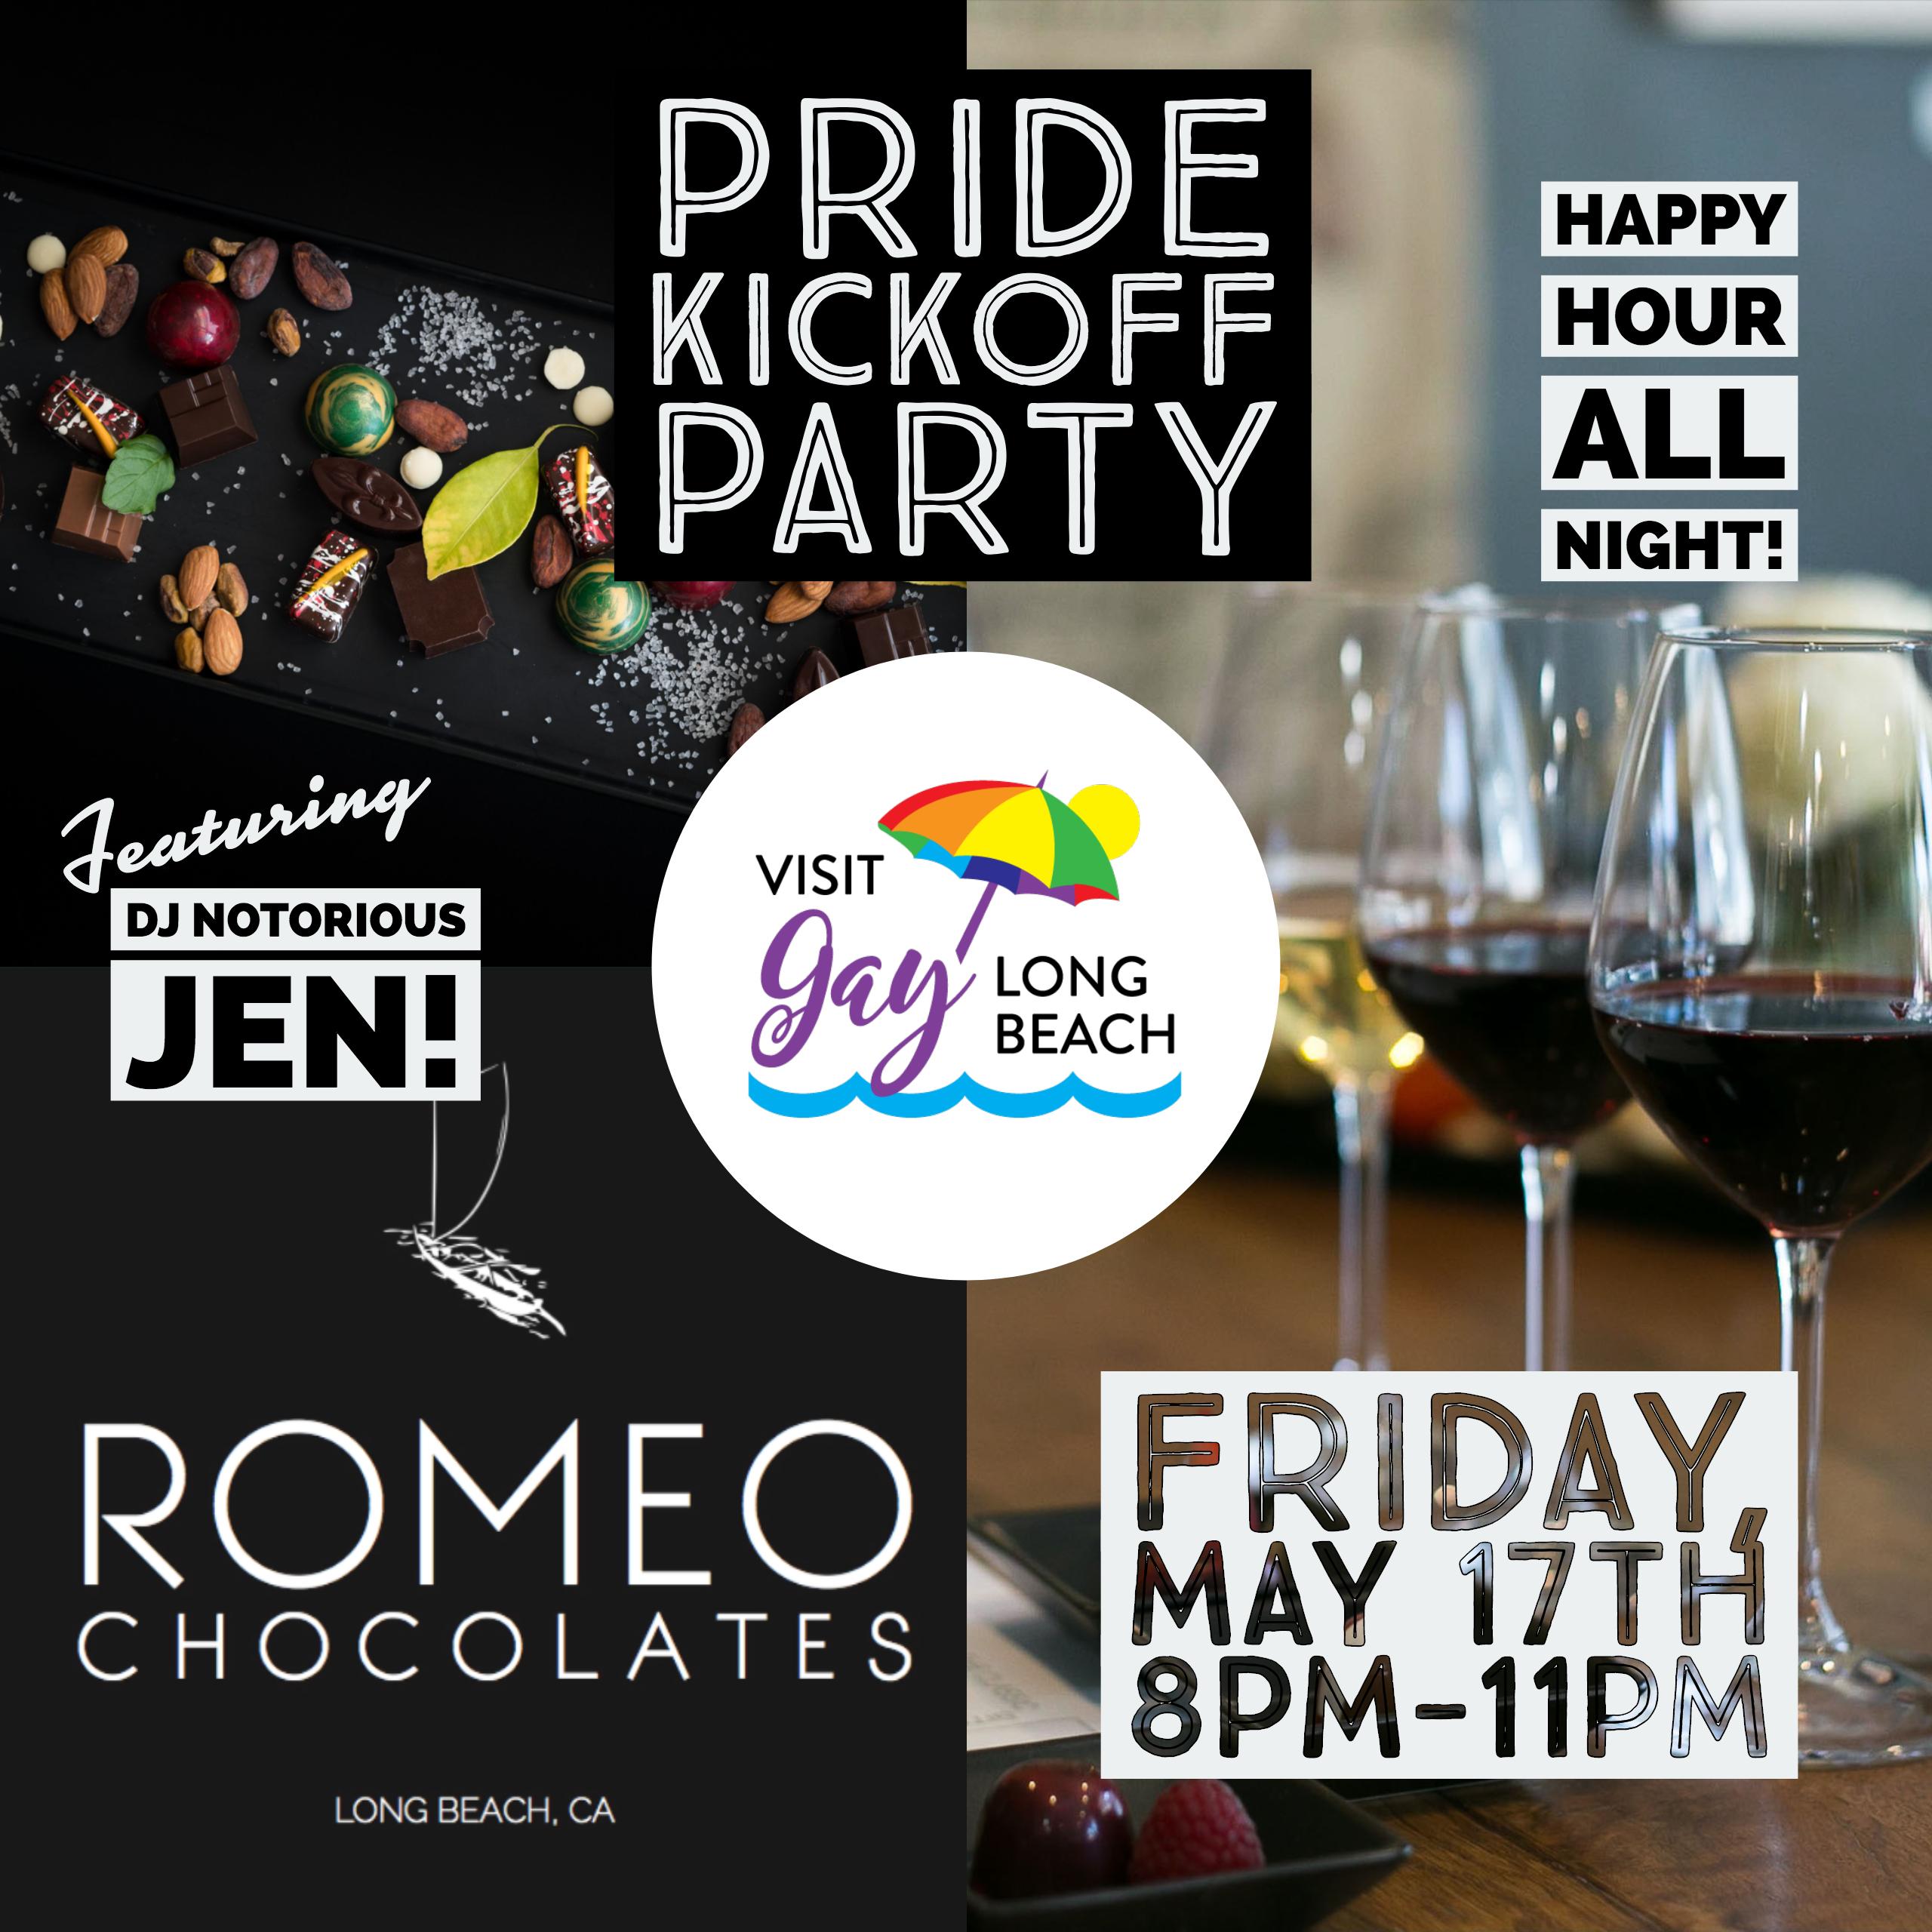 Visit Gay Long Beach's Pride Kickoff Party